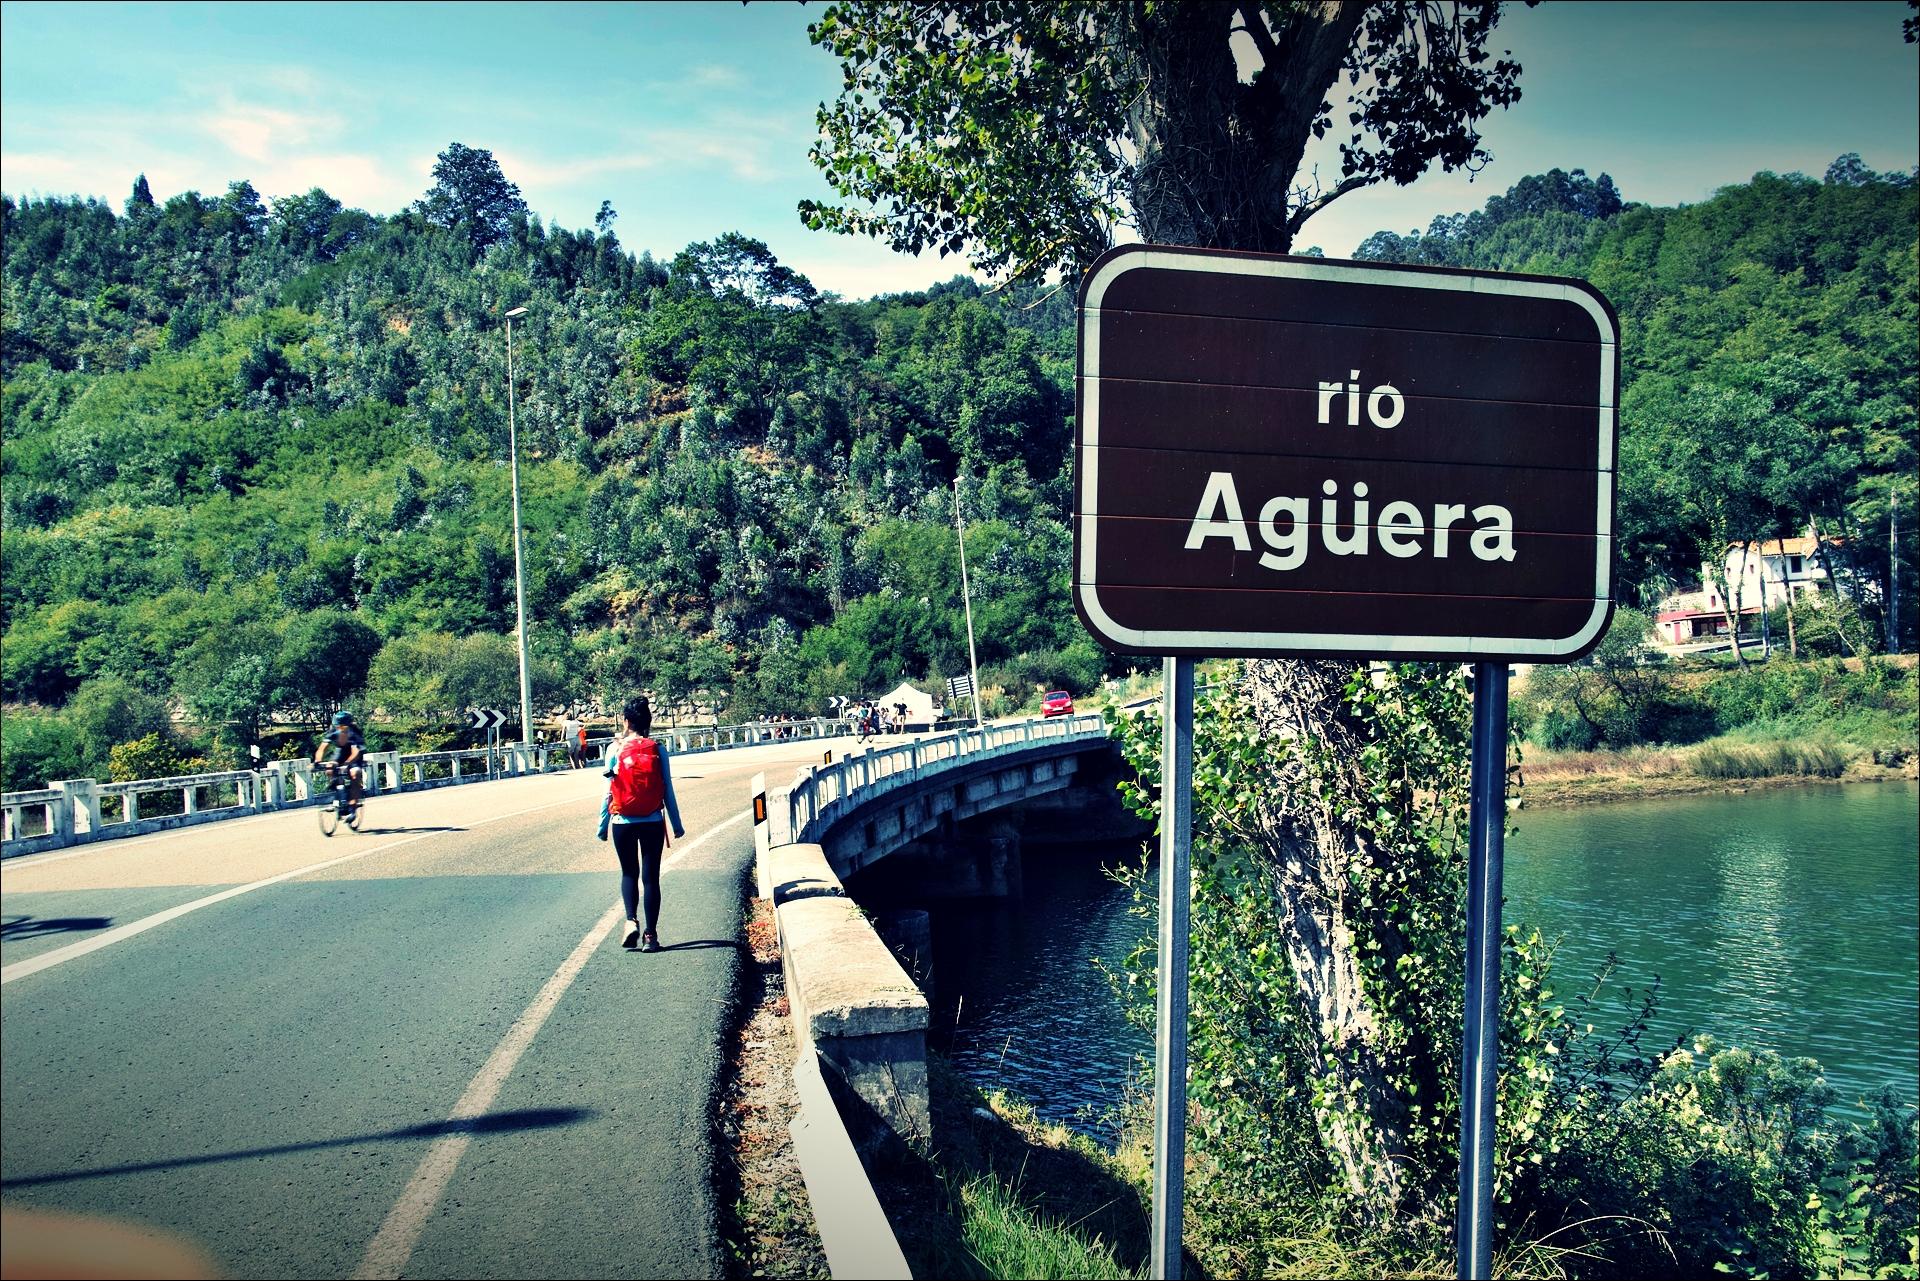 다리-'카미노 데 산티아고 북쪽길. 카스트로 우르디알레스에서 리엔도. (Camino del Norte - Castro Urdiales to Liendo) '